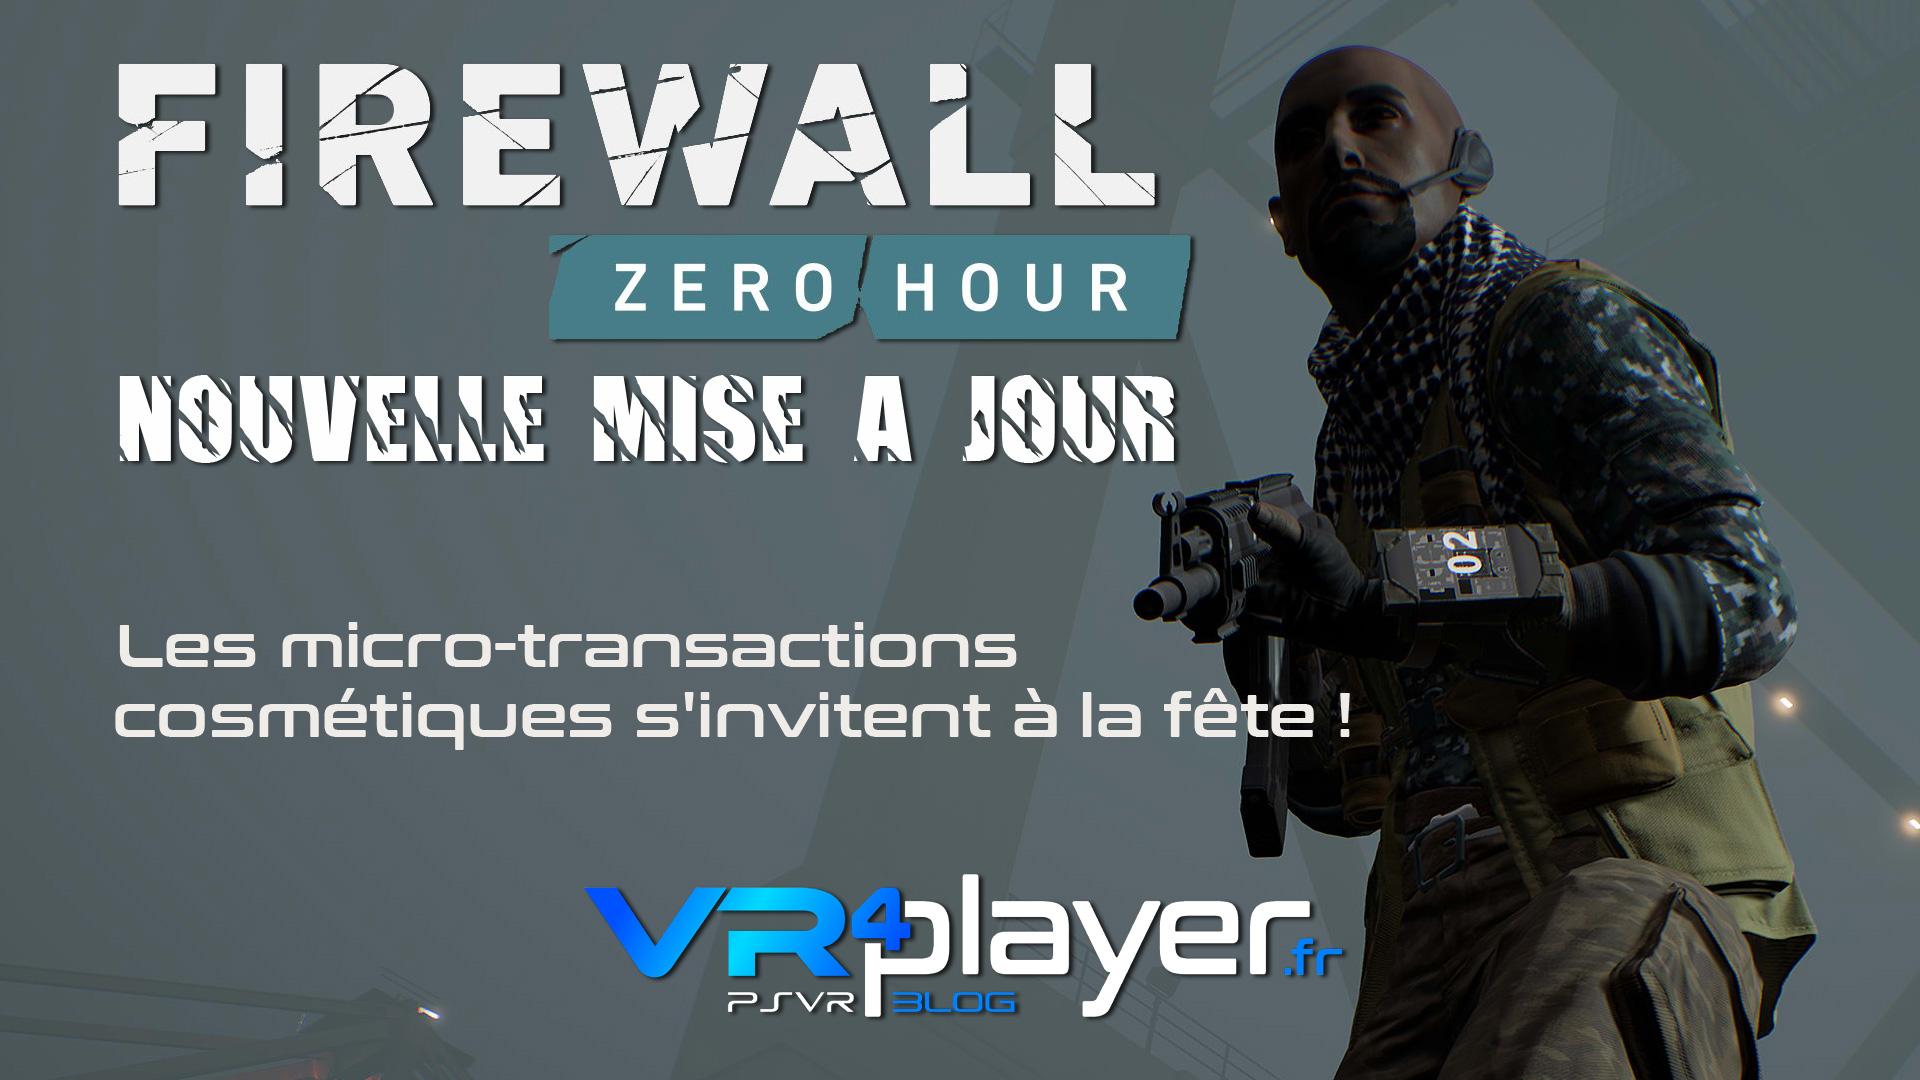 nouvelle mise à jour Firewall avec des micro-transactions sur PSVR vr4player.fr